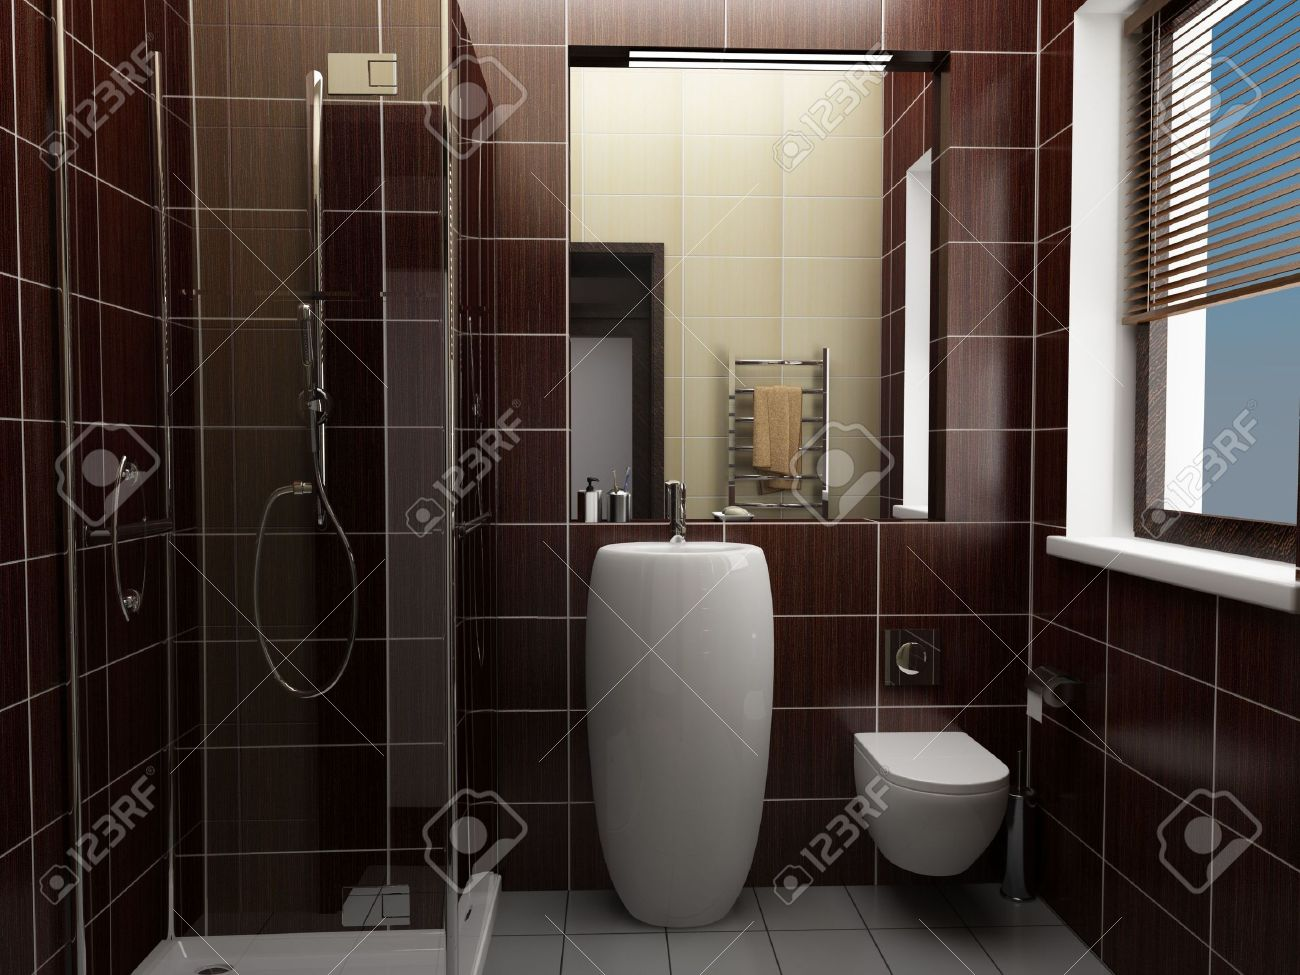 Modernes Badezimmer Mit Braunen Fliesen Lizenzfreie Bilder   3759134